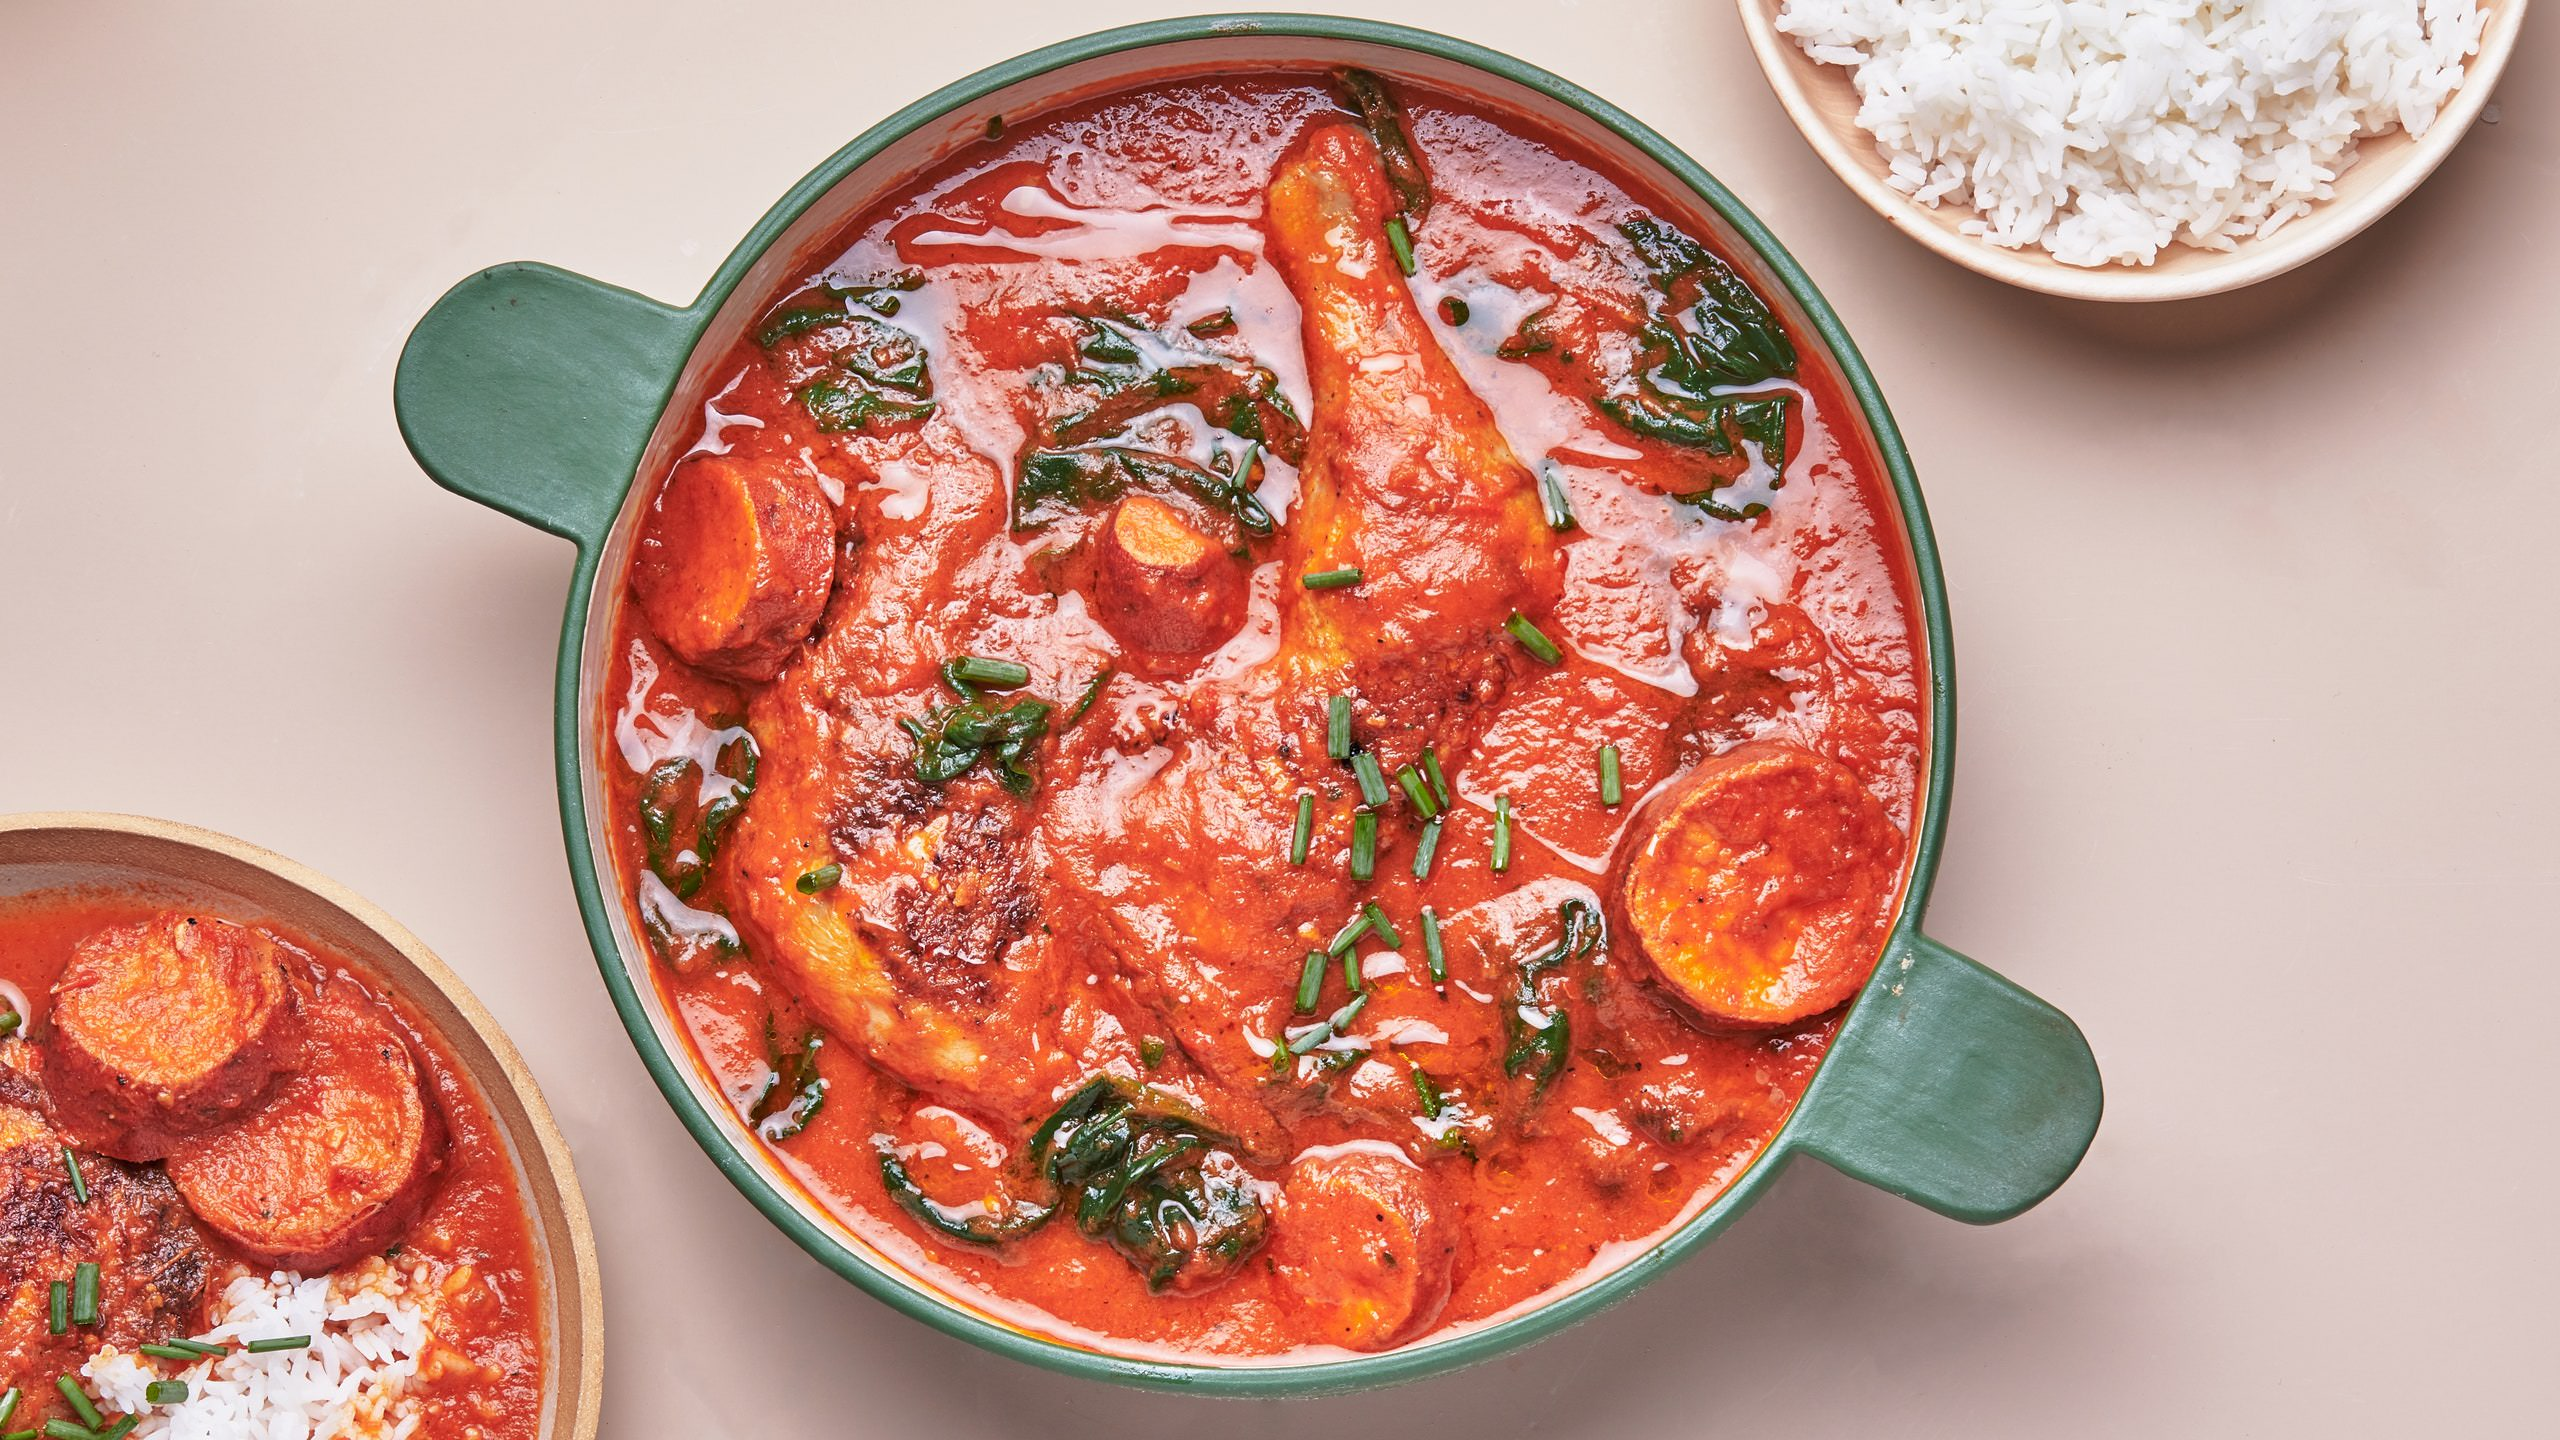 מתכון לתבשיל עוף עשיר עם תרד ועגבניות